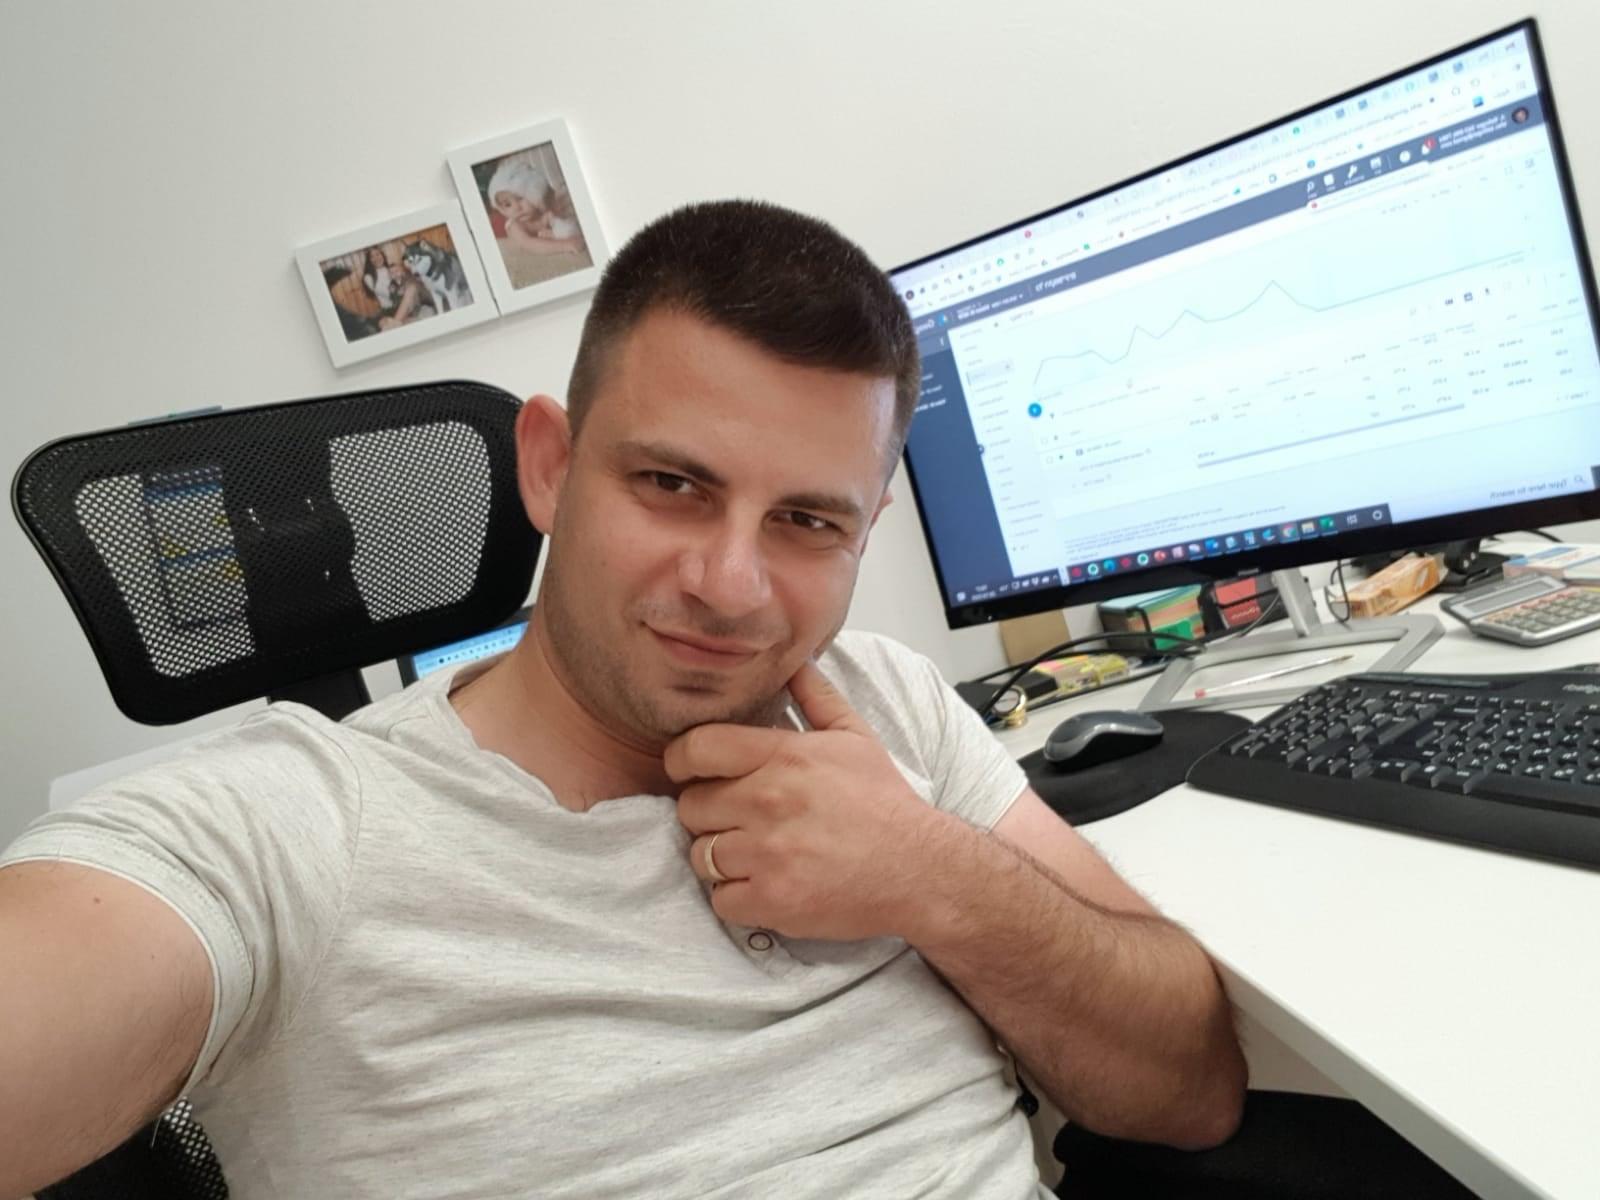 אלכס זלינגר - AB Media - שיווק דיגיטלי פרימיום לעסקים